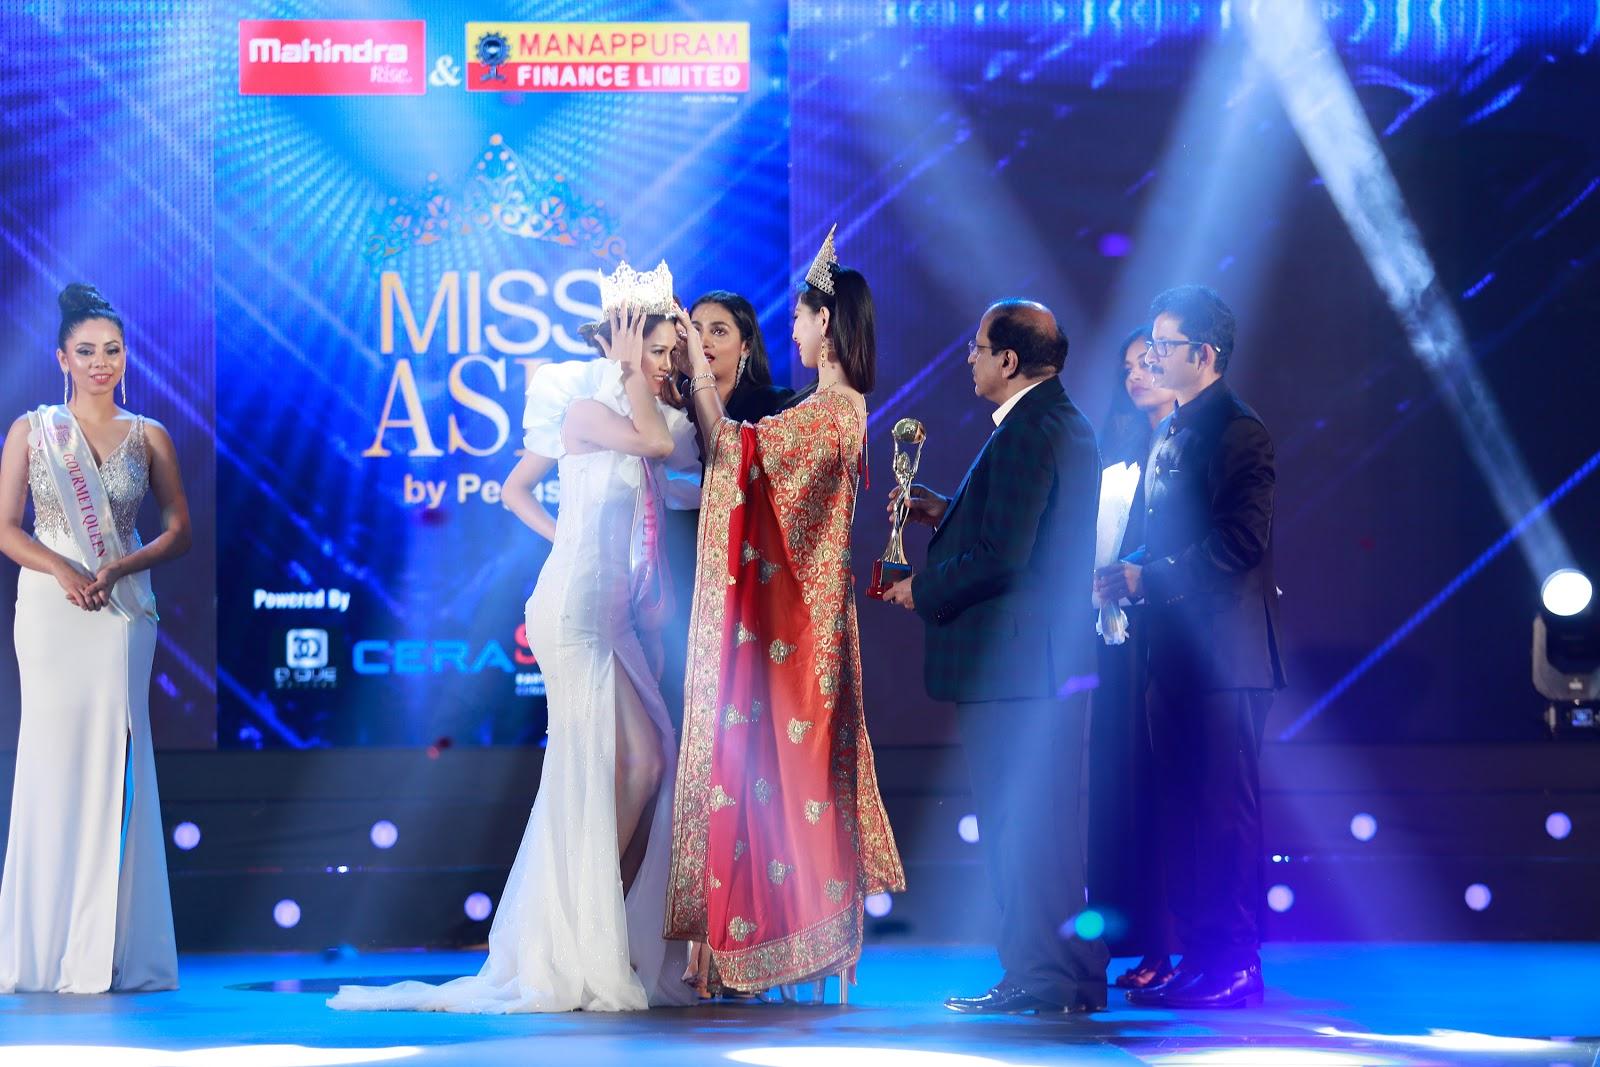 Thêm một người đẹp Việt đăng quang cuộc thi nhan sắc quốc tế, nhiều người ngỡ ngàng - Hình 5